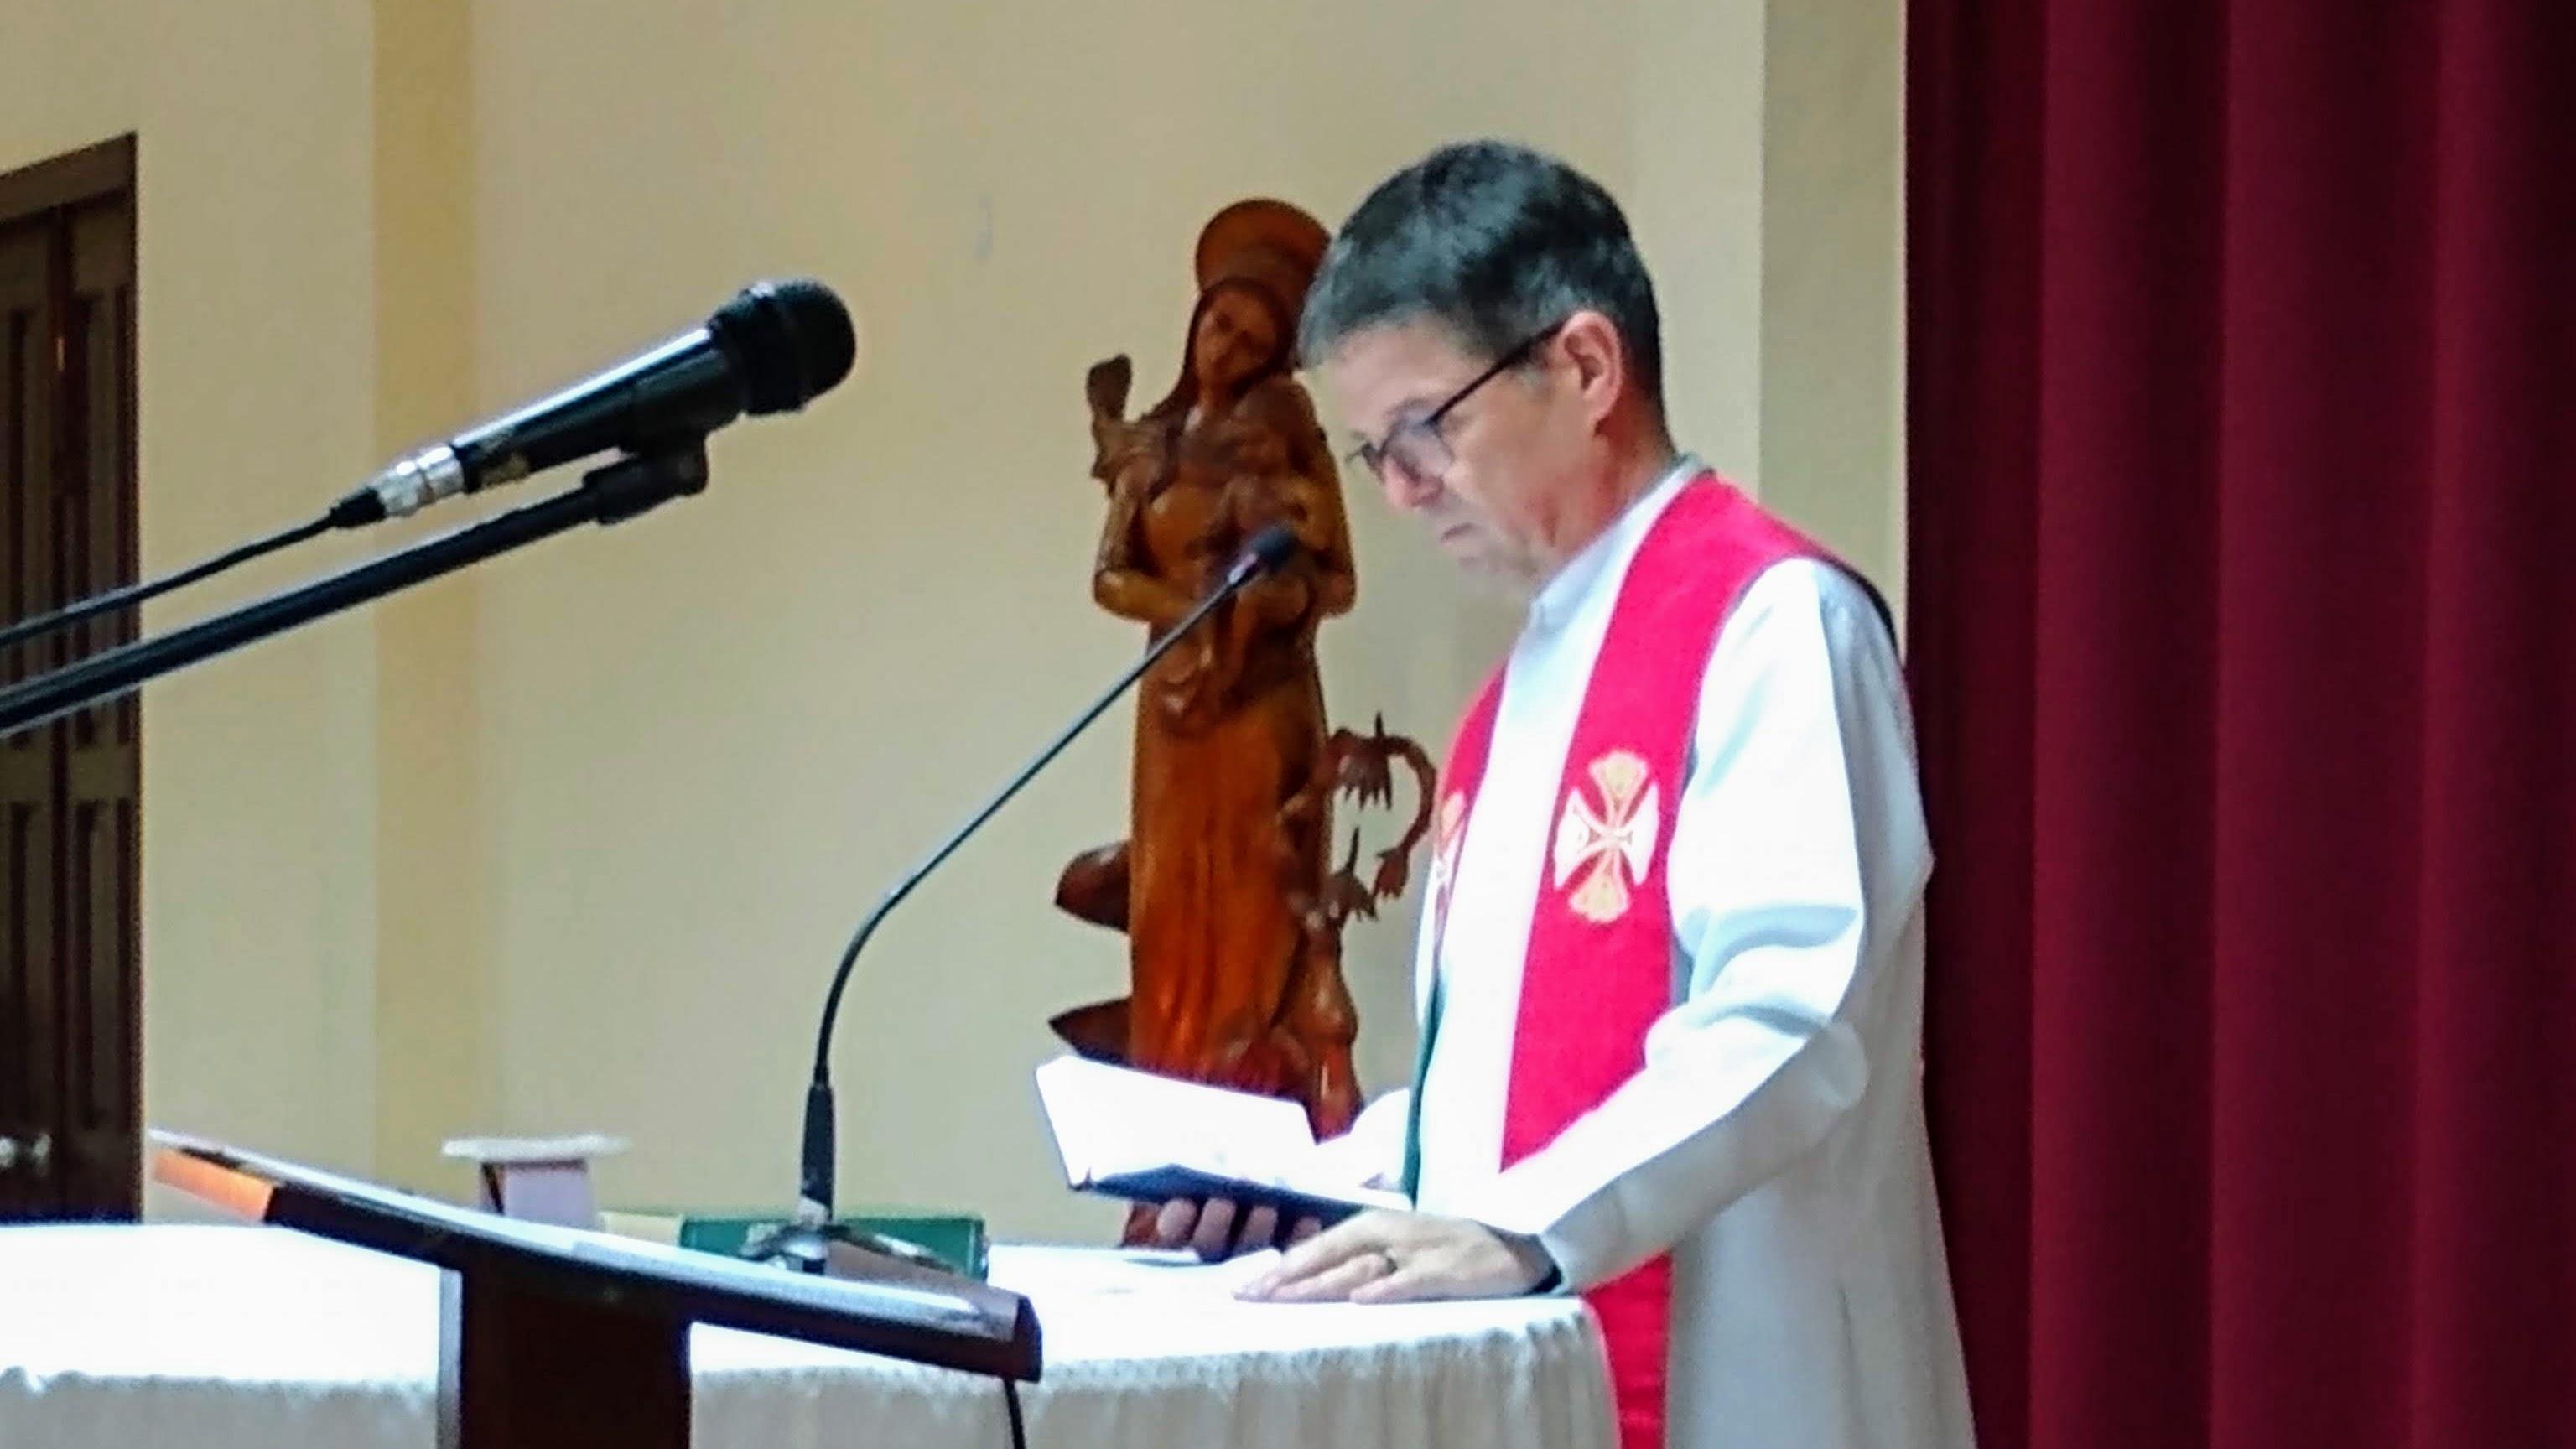 Pfarrer Fogl kehrt zurück nach Deutschland